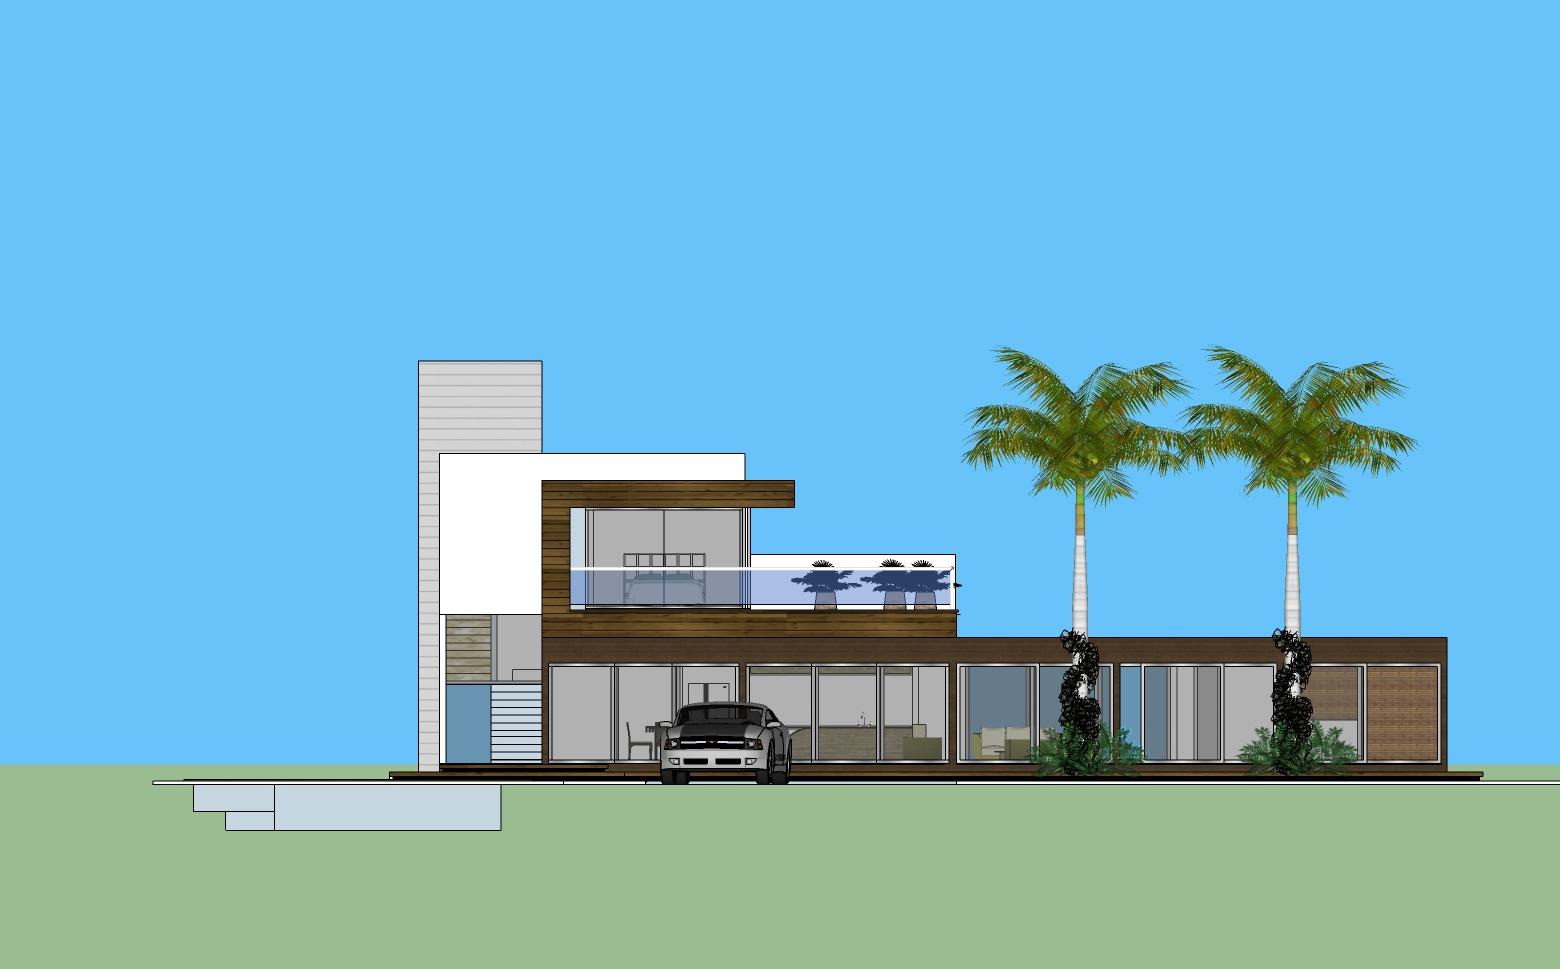 Alzado 01 nc arquitectura - Alzado arquitectura ...